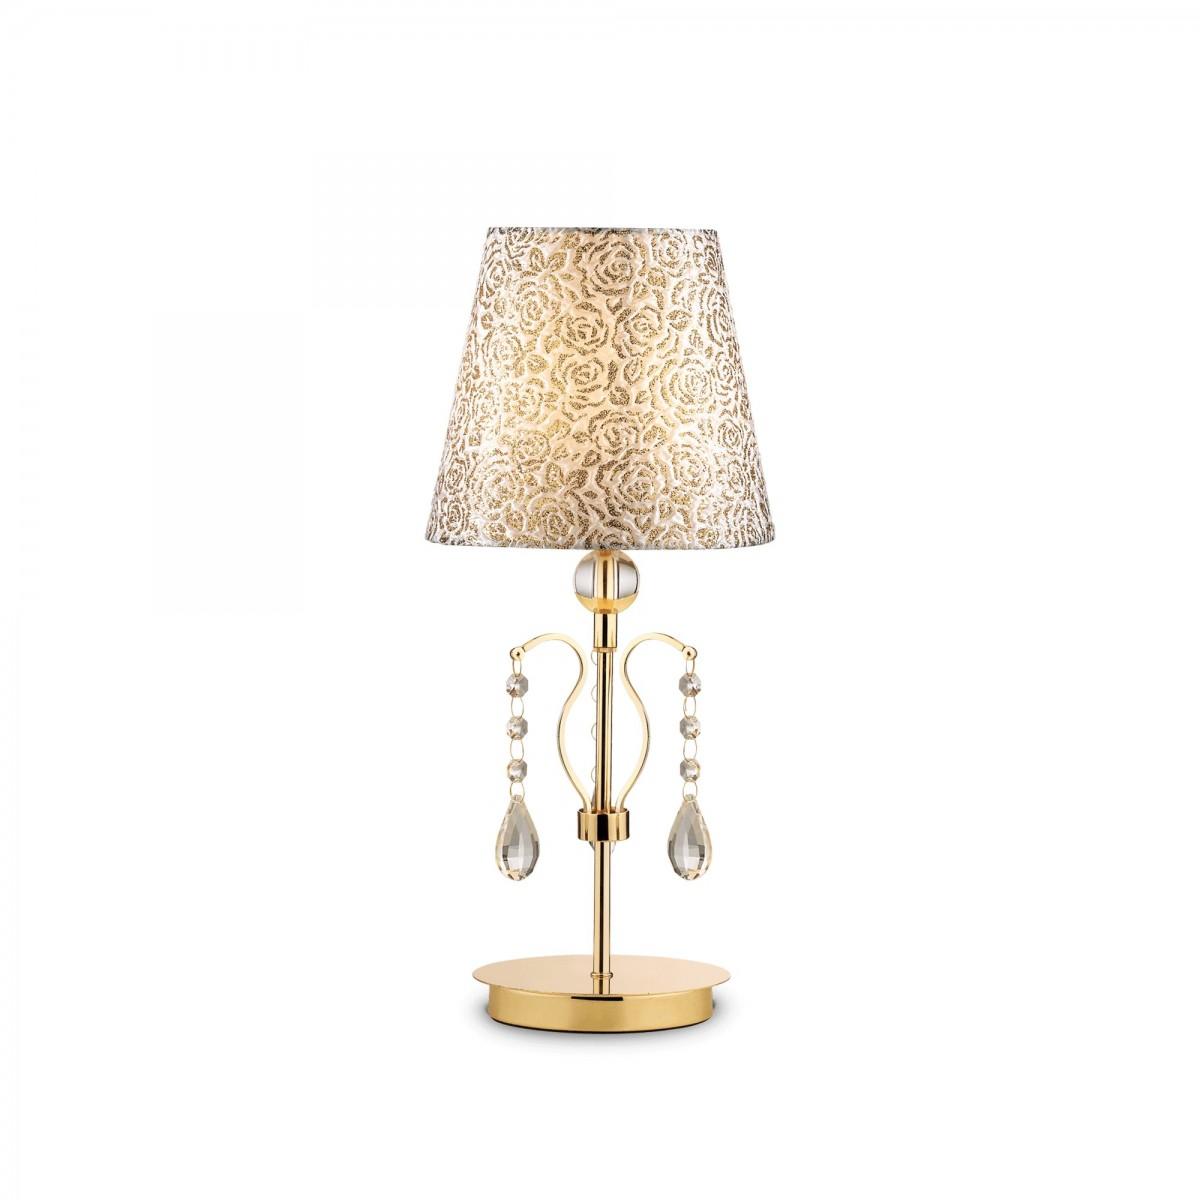 stolní lampa Ideal lux Pantheon TL1 088167 1x40W E14 - rustikální komplexní osvětlení